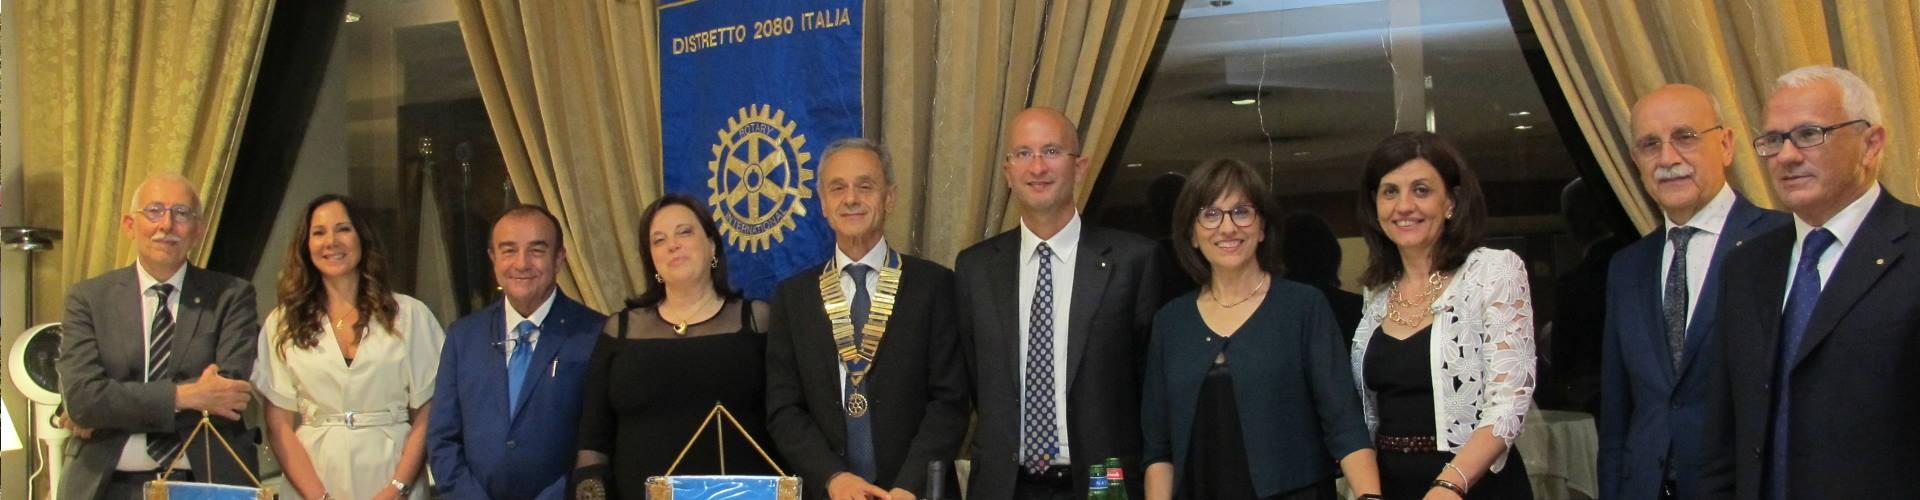 Passaggio della Campana Rotary Club Cassino